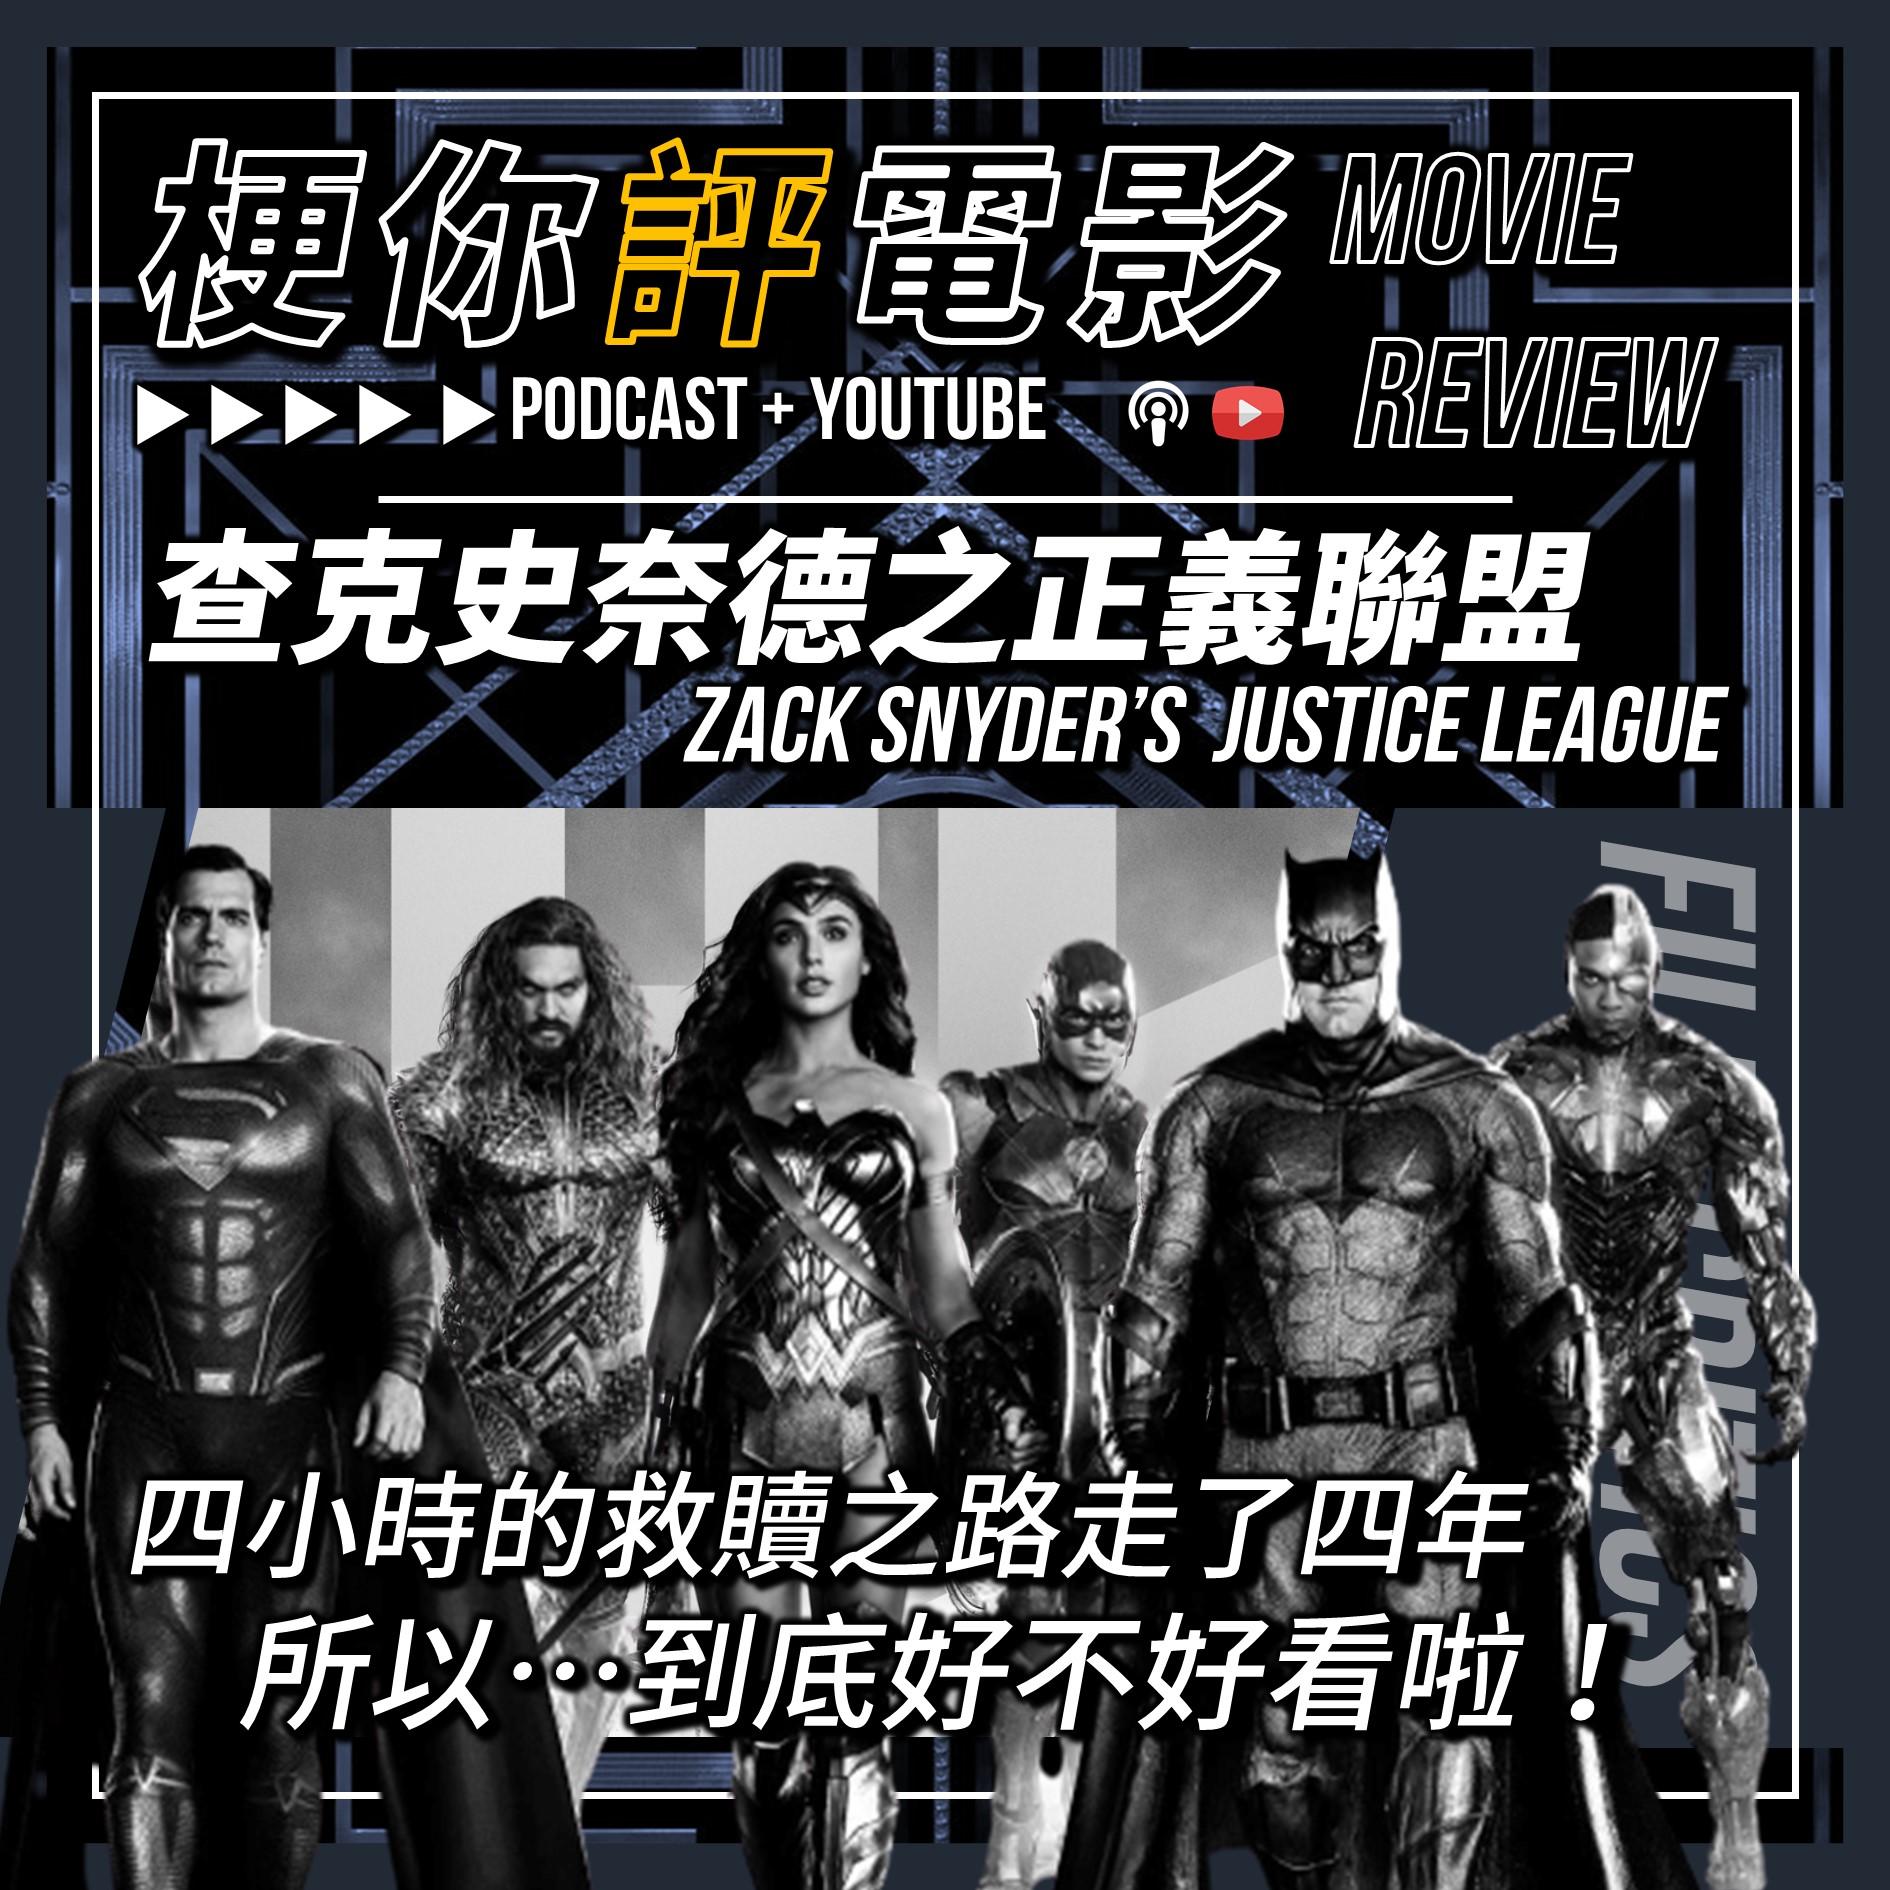 【梗你評電影】《查克史奈德之正義聯盟》四小時的救贖之路走了四年,所以...到底好不好看啦!| Zack Snyder's Justice League | PODCAST XXY + Jericho